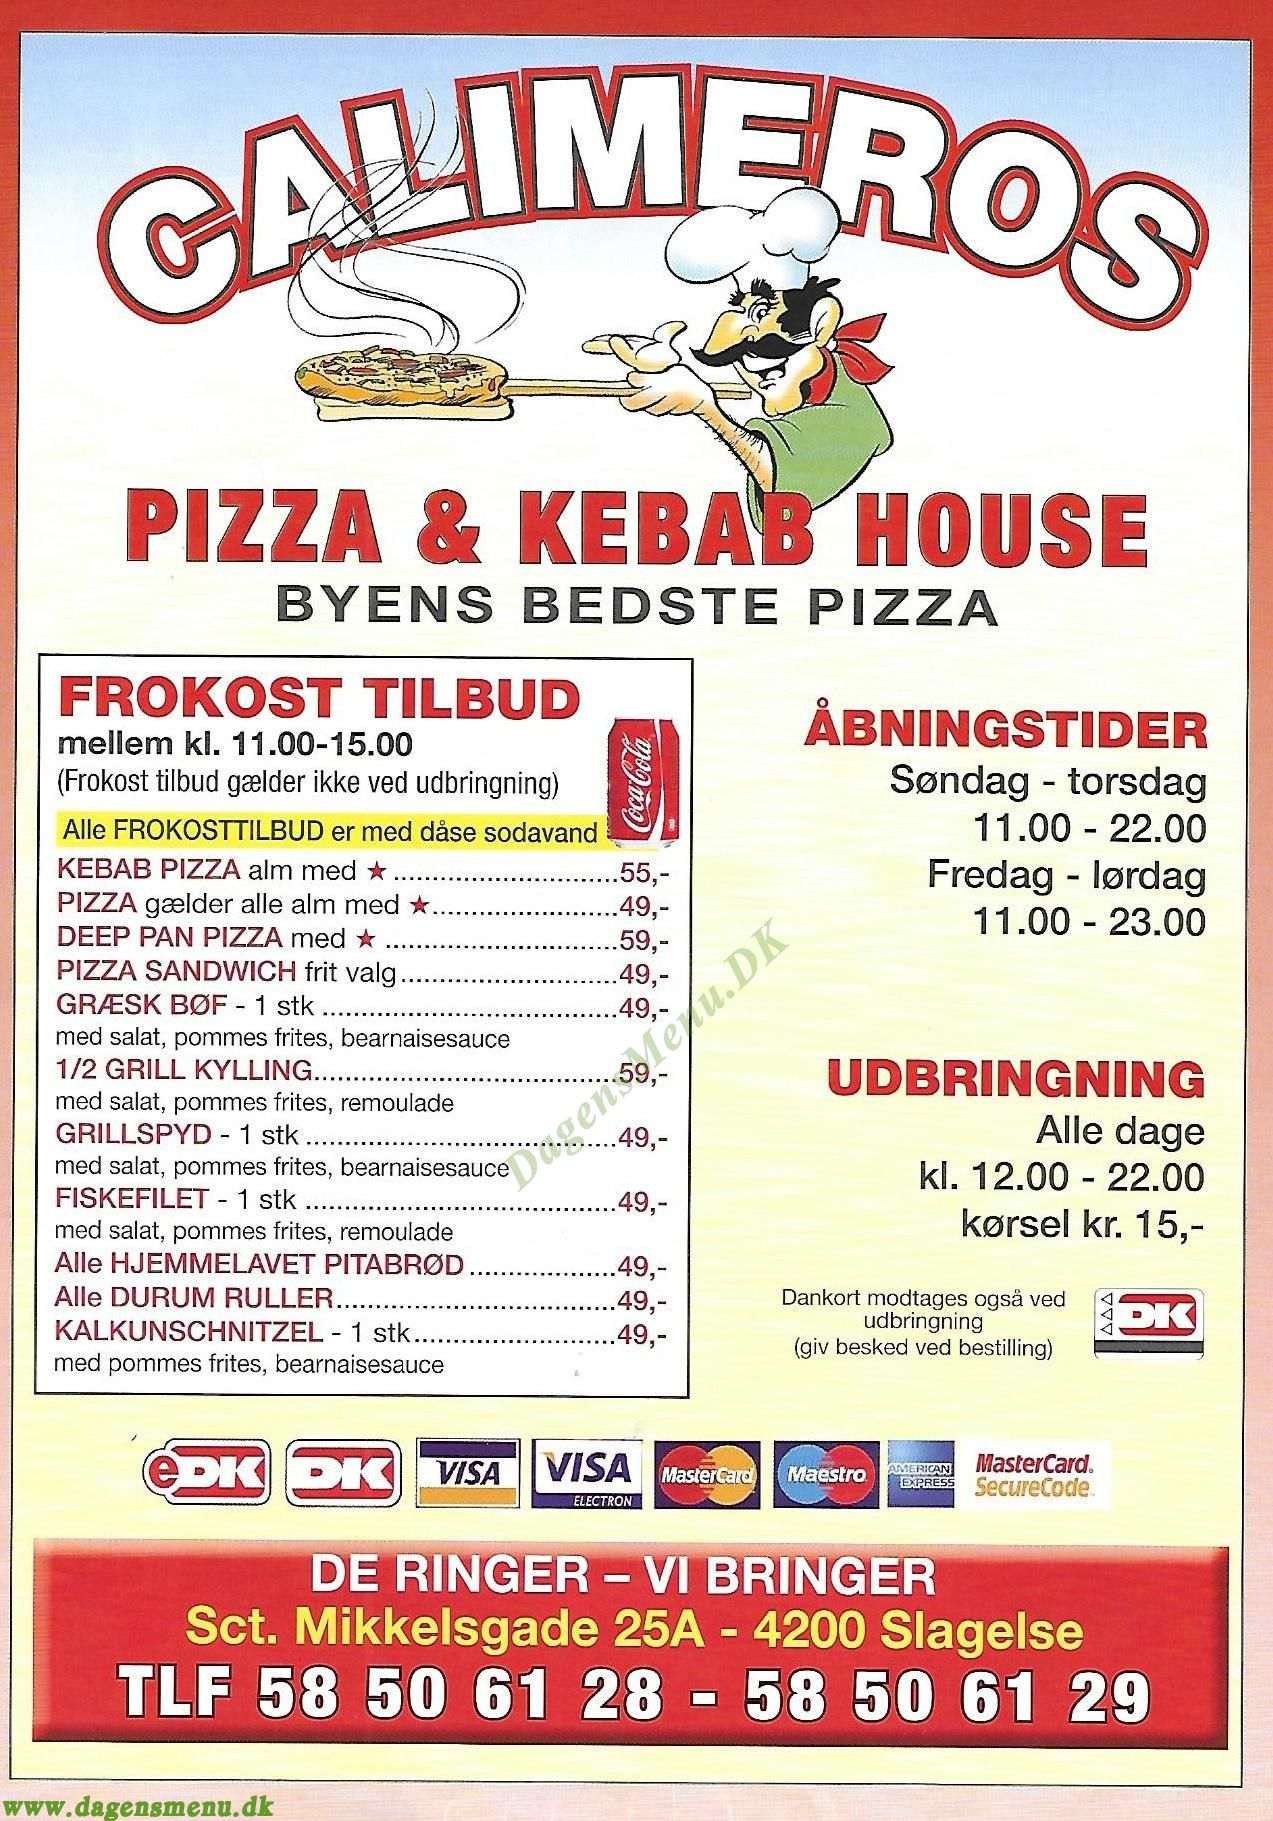 CALIMEROS PIZZA & KEBAB HOUSE - Menukort